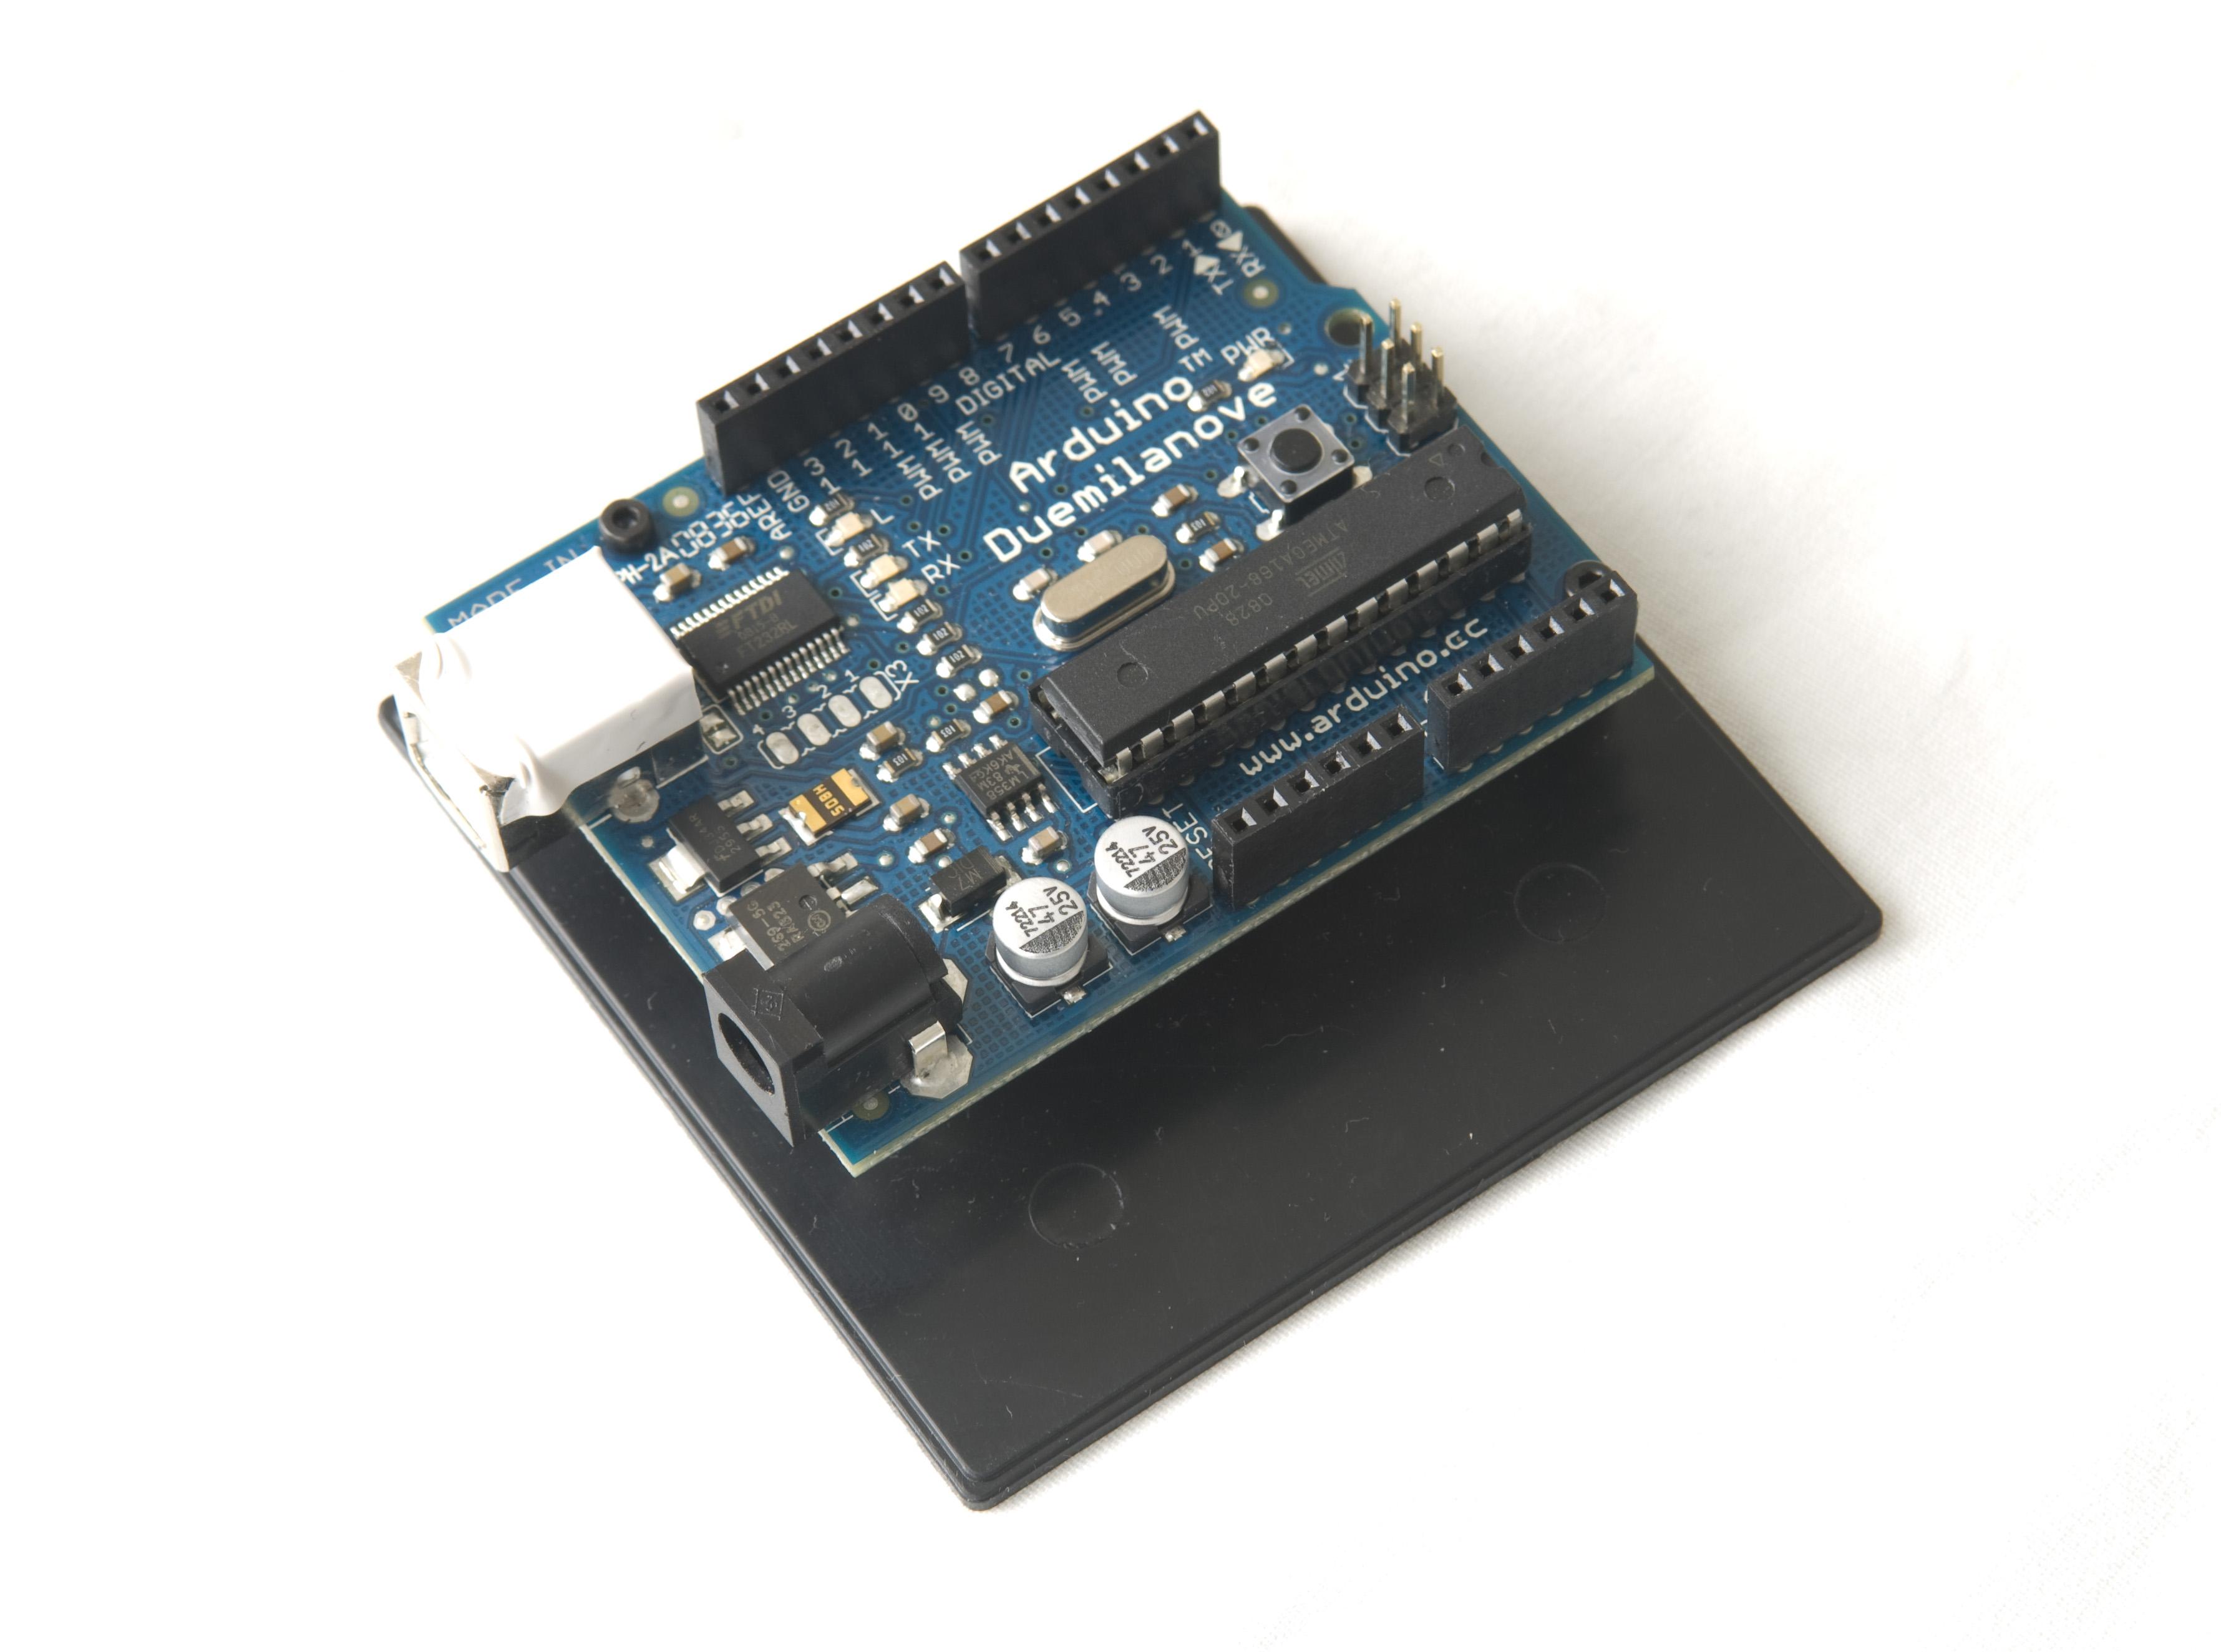 Arduino rangefinder